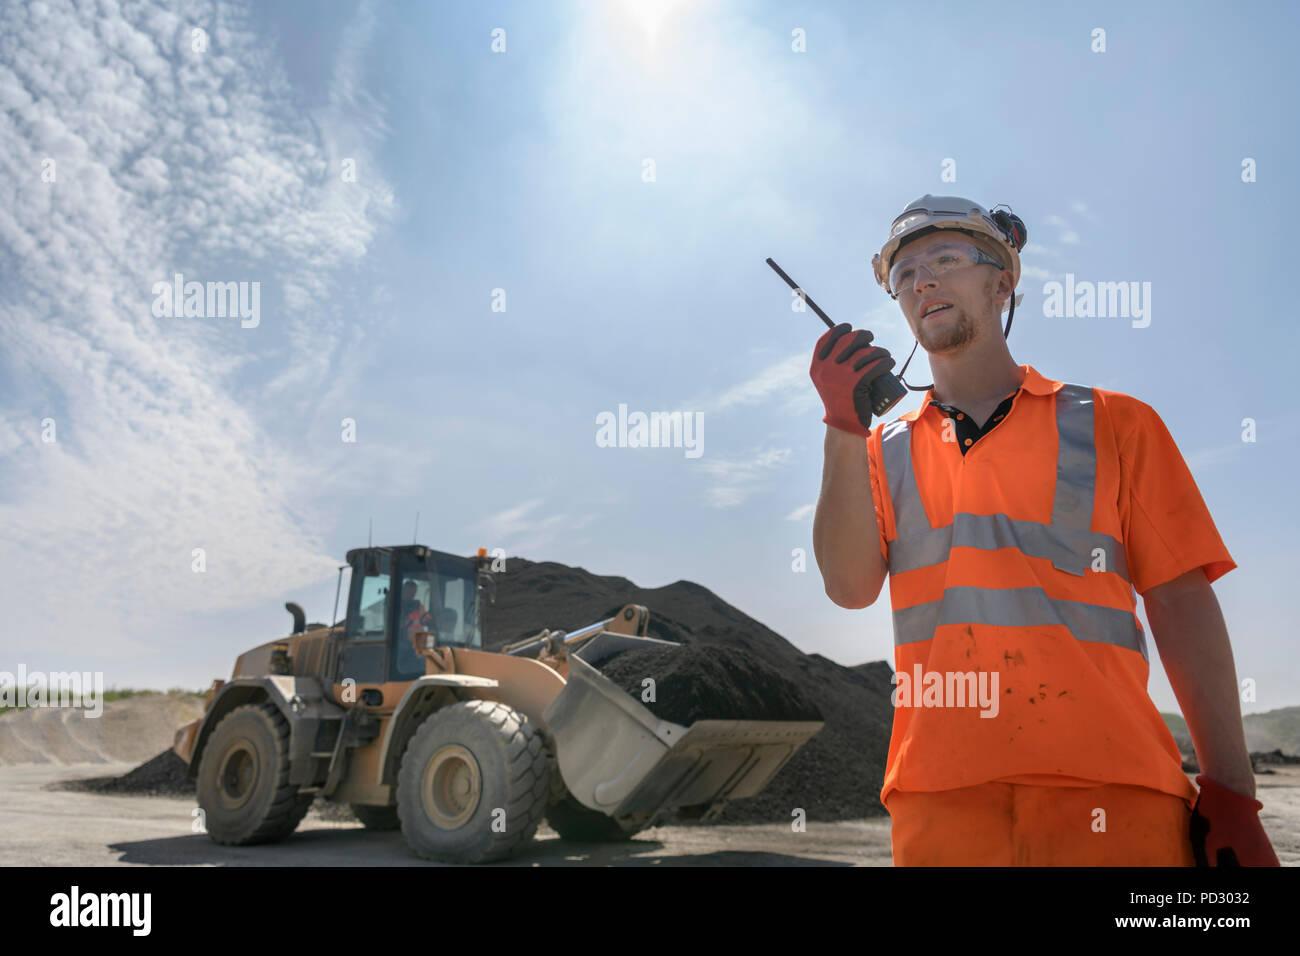 Lavoratore comunicando tramite walkie talkie nel fronte di scavo calcestruzzo nel sito di riciclaggio Immagini Stock